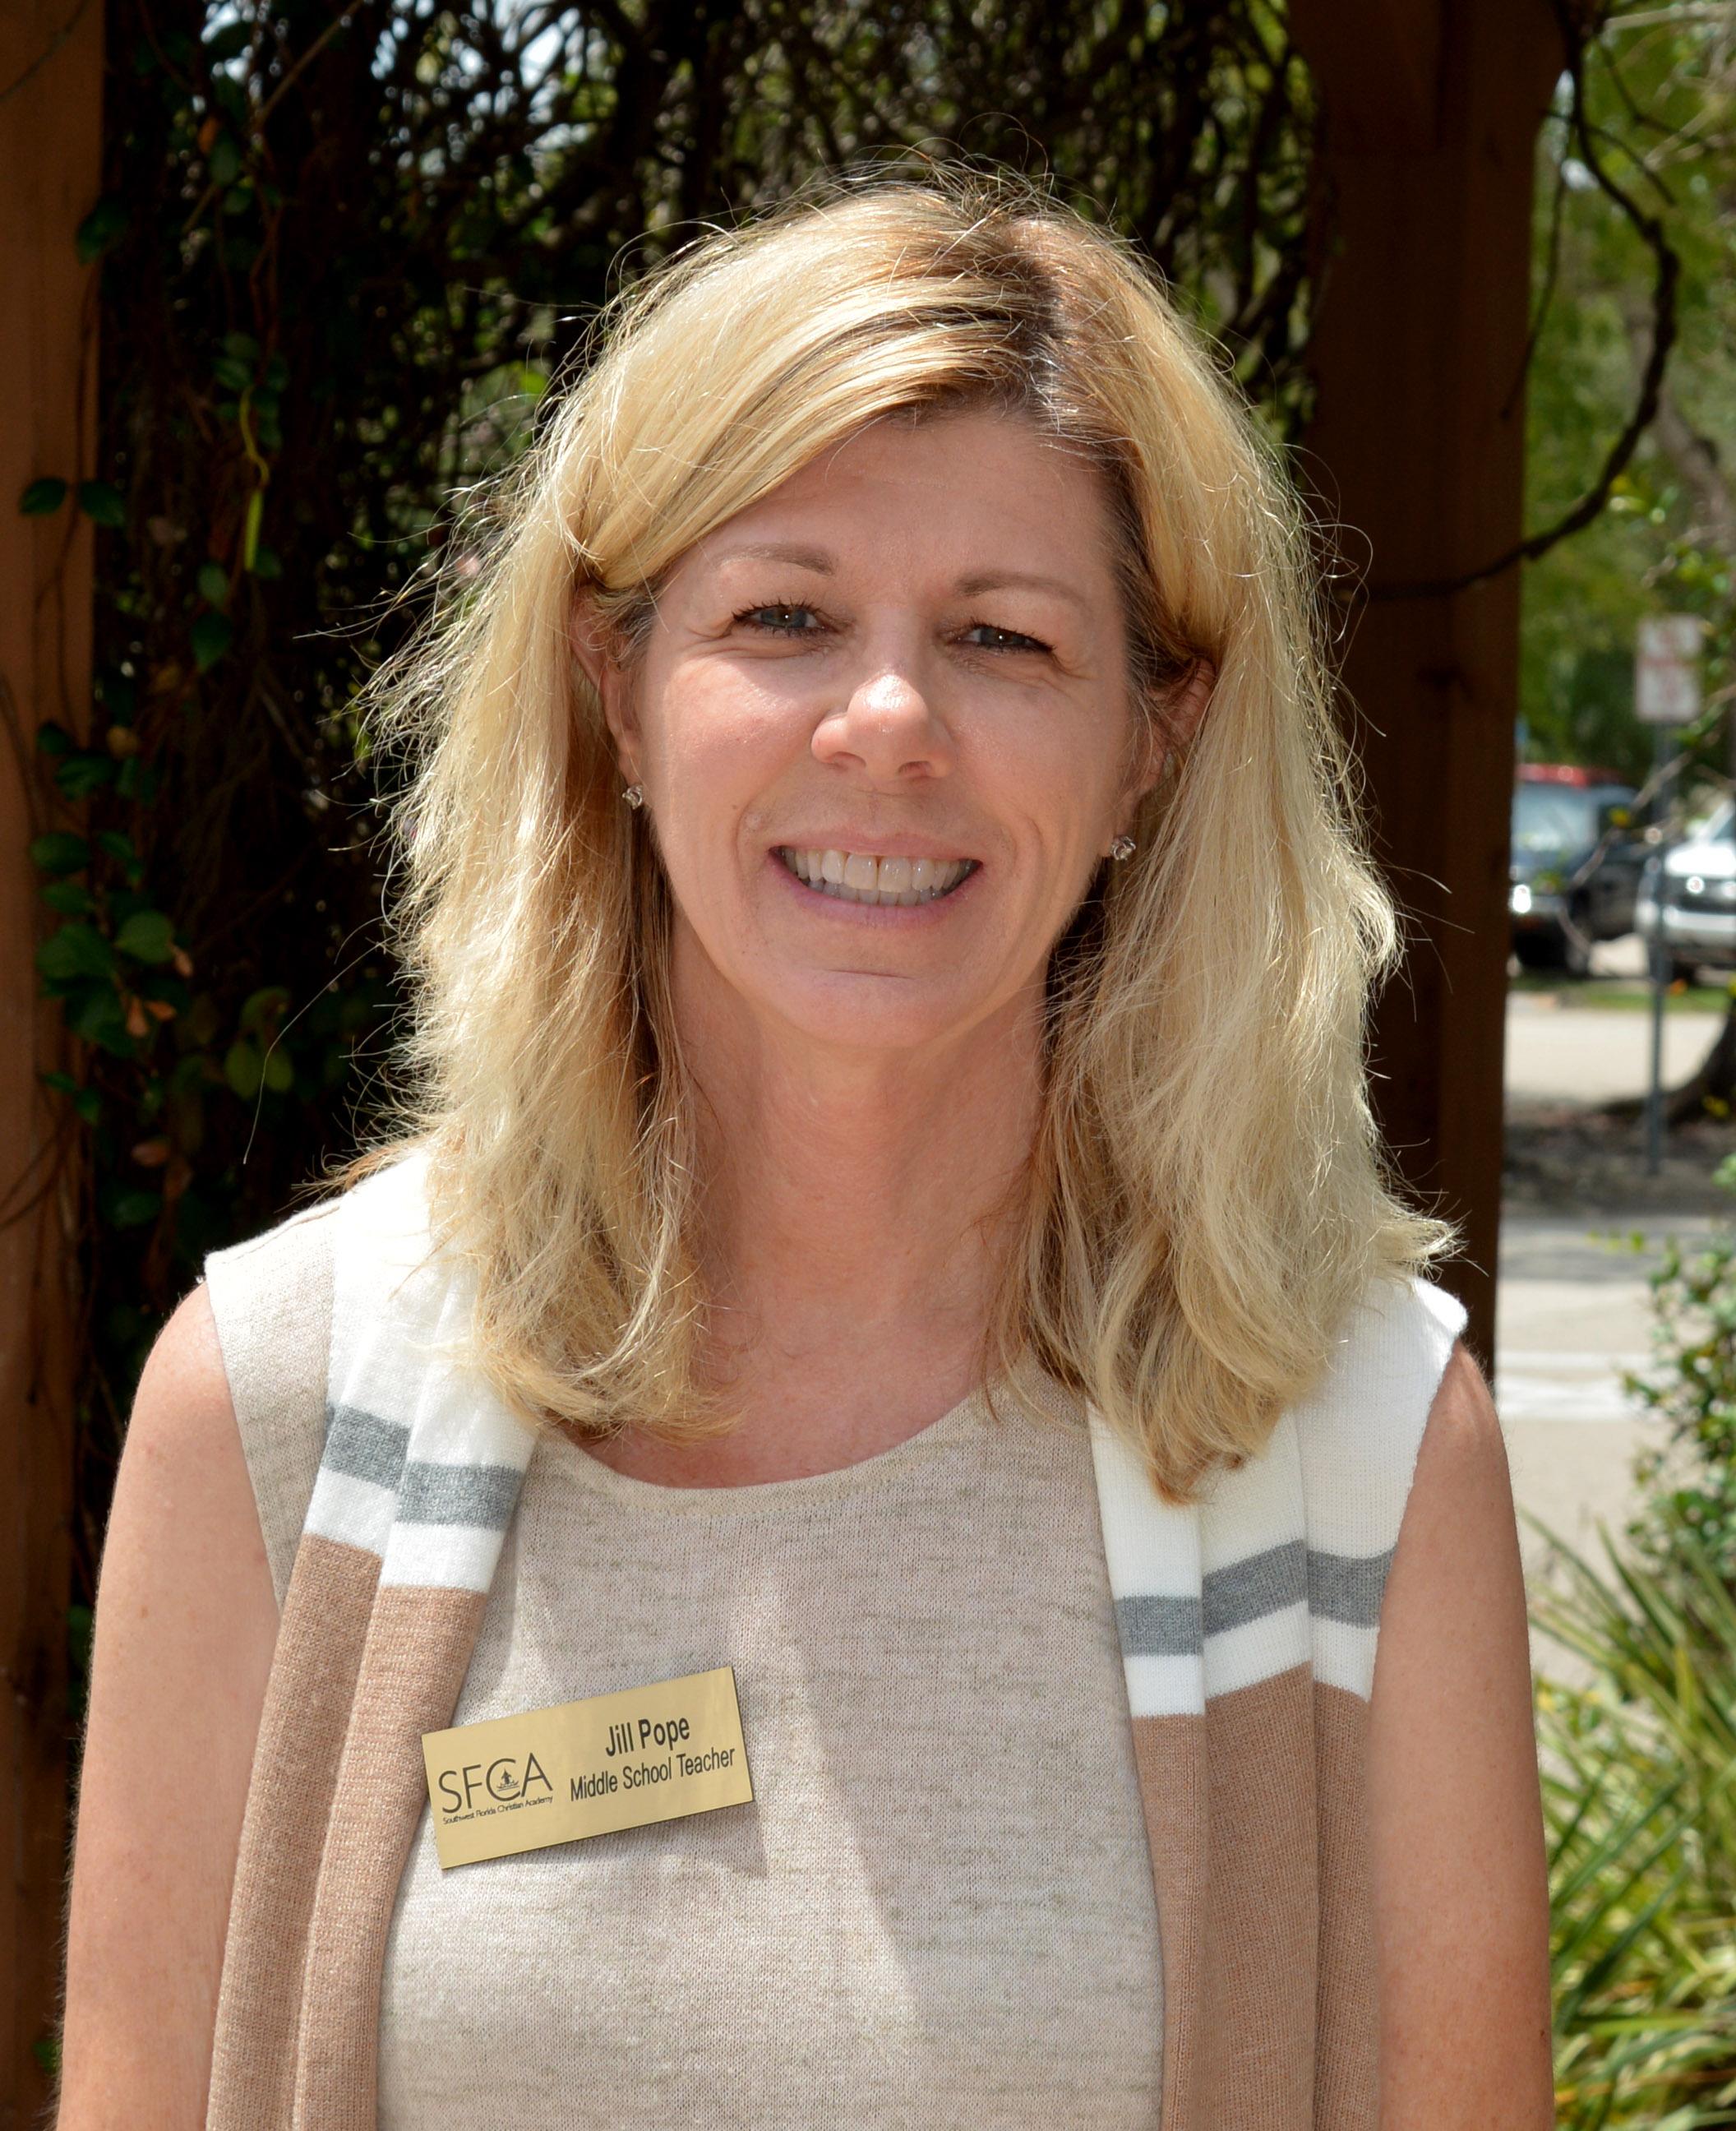 Jill Pope